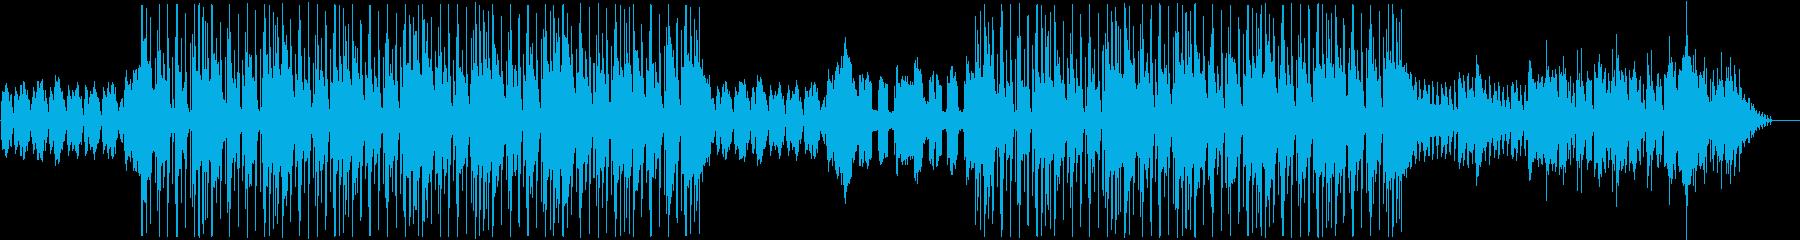 忍者、侍、ゲーミングHIPHOPの再生済みの波形